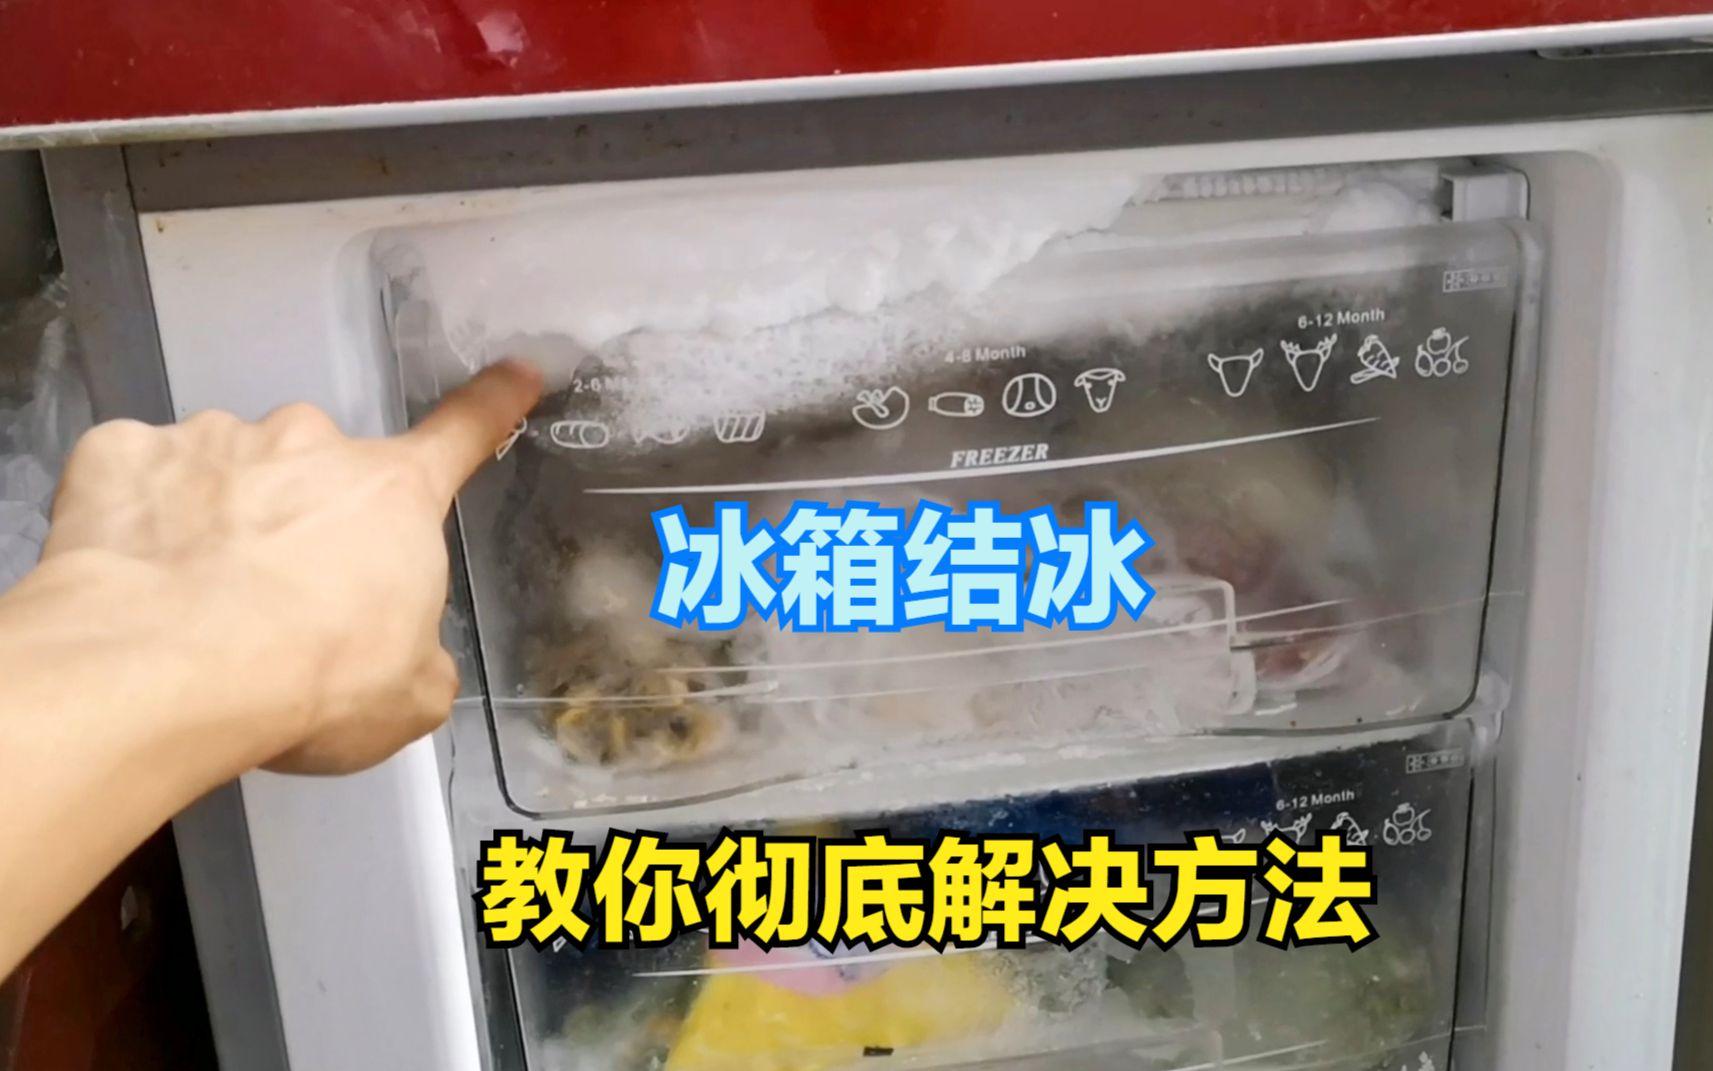 冰箱老是结冰?只需看一下这里,教你几招彻底解决,省钱省电